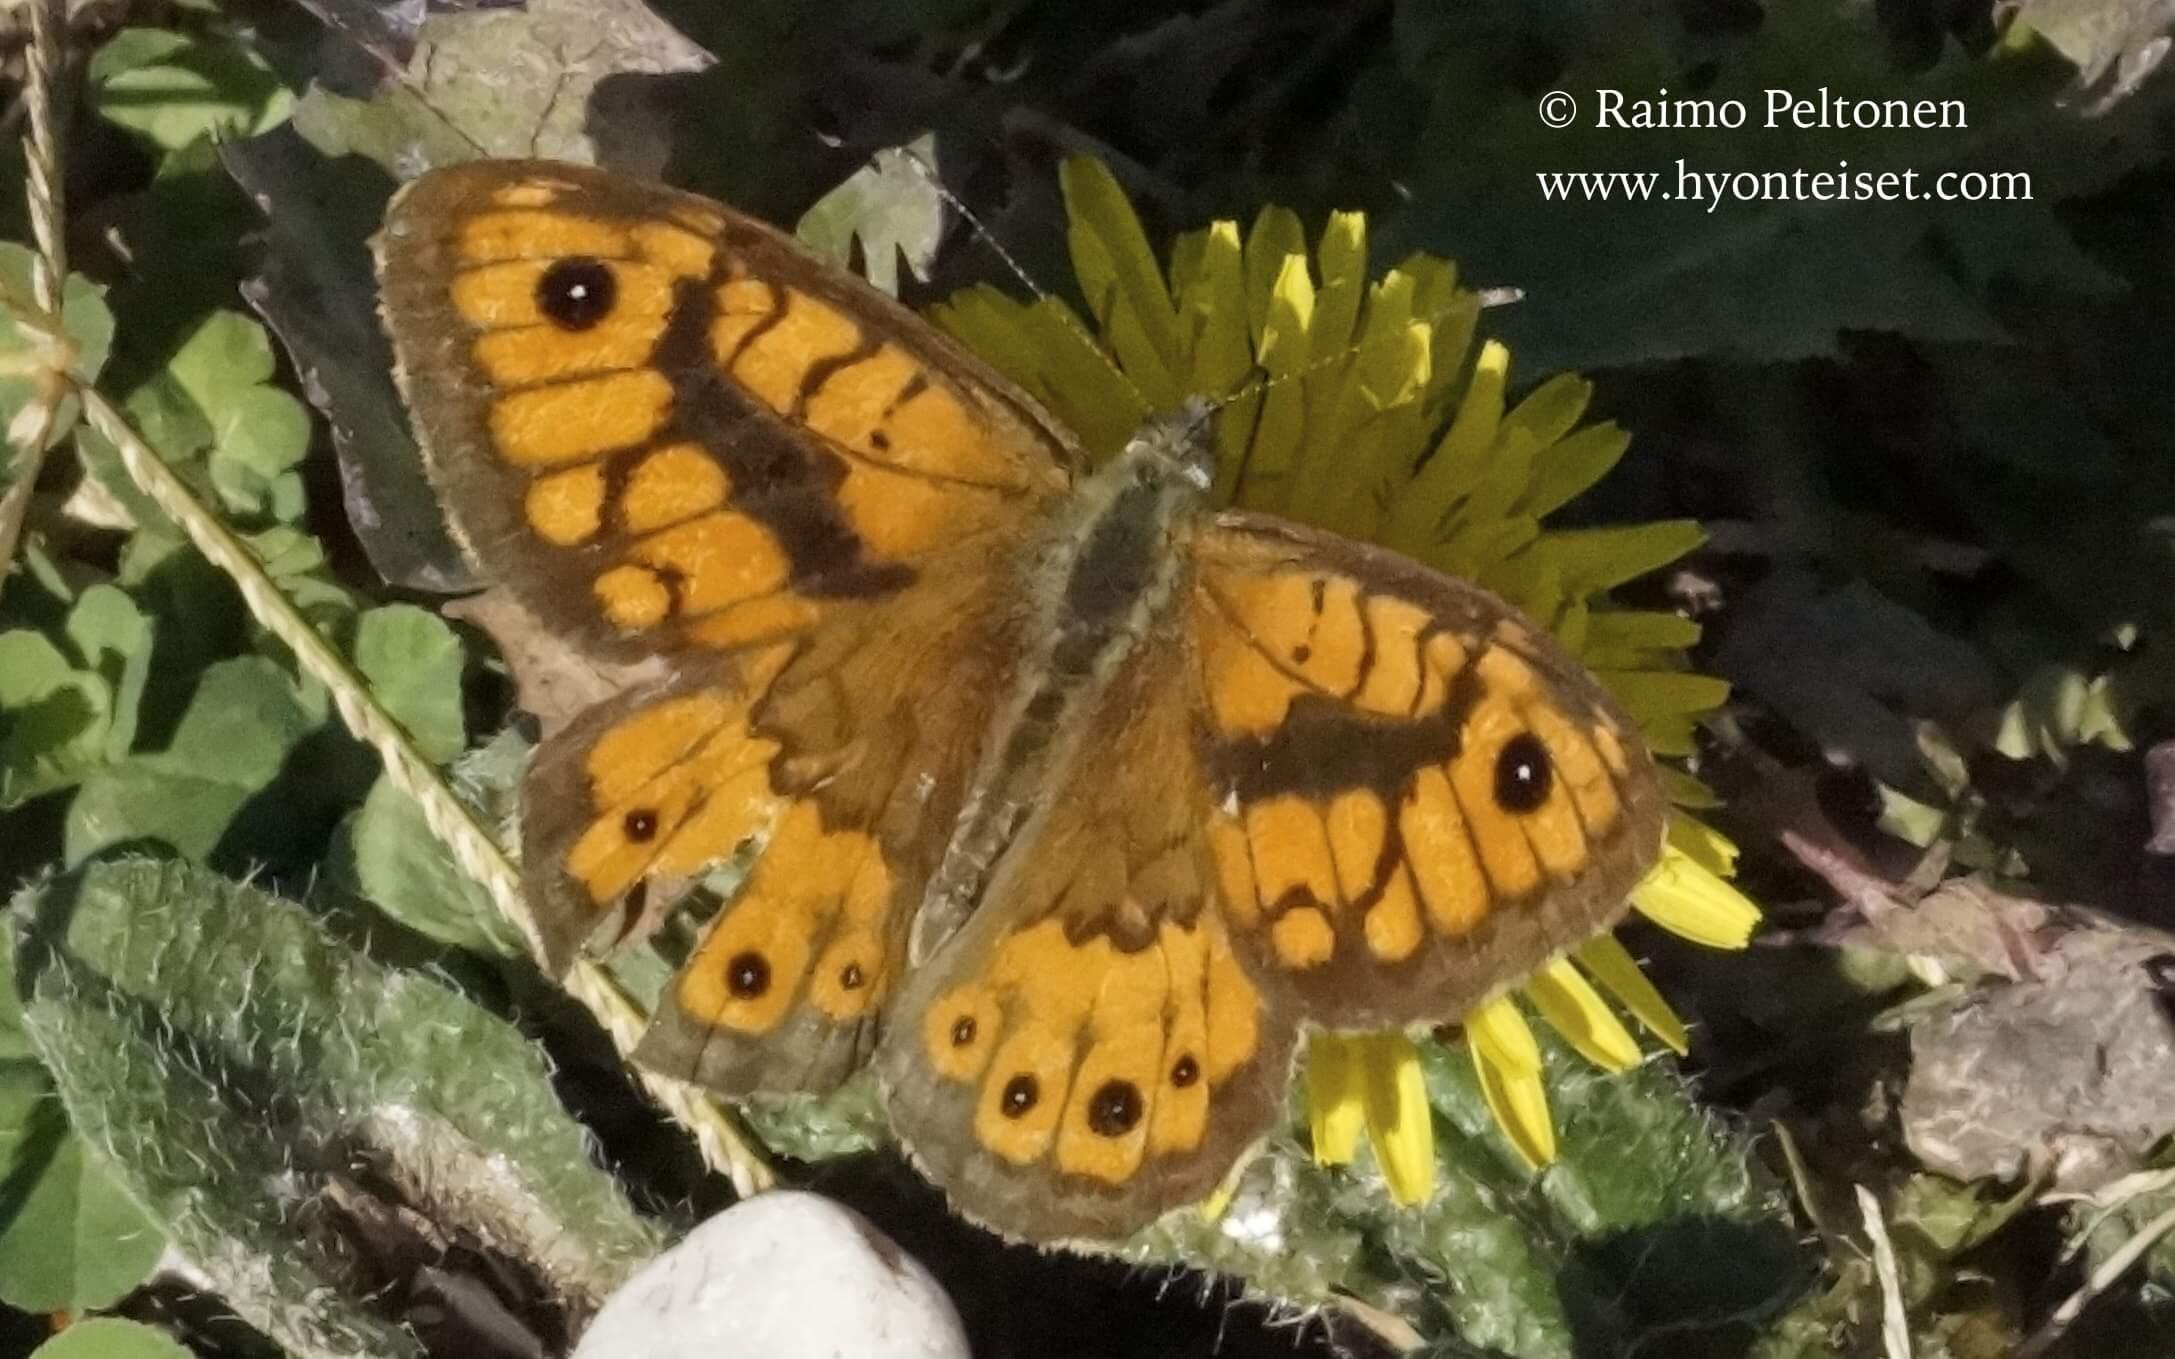 Pararge megera-ruostepapurikko, 10.10.2016 Italia